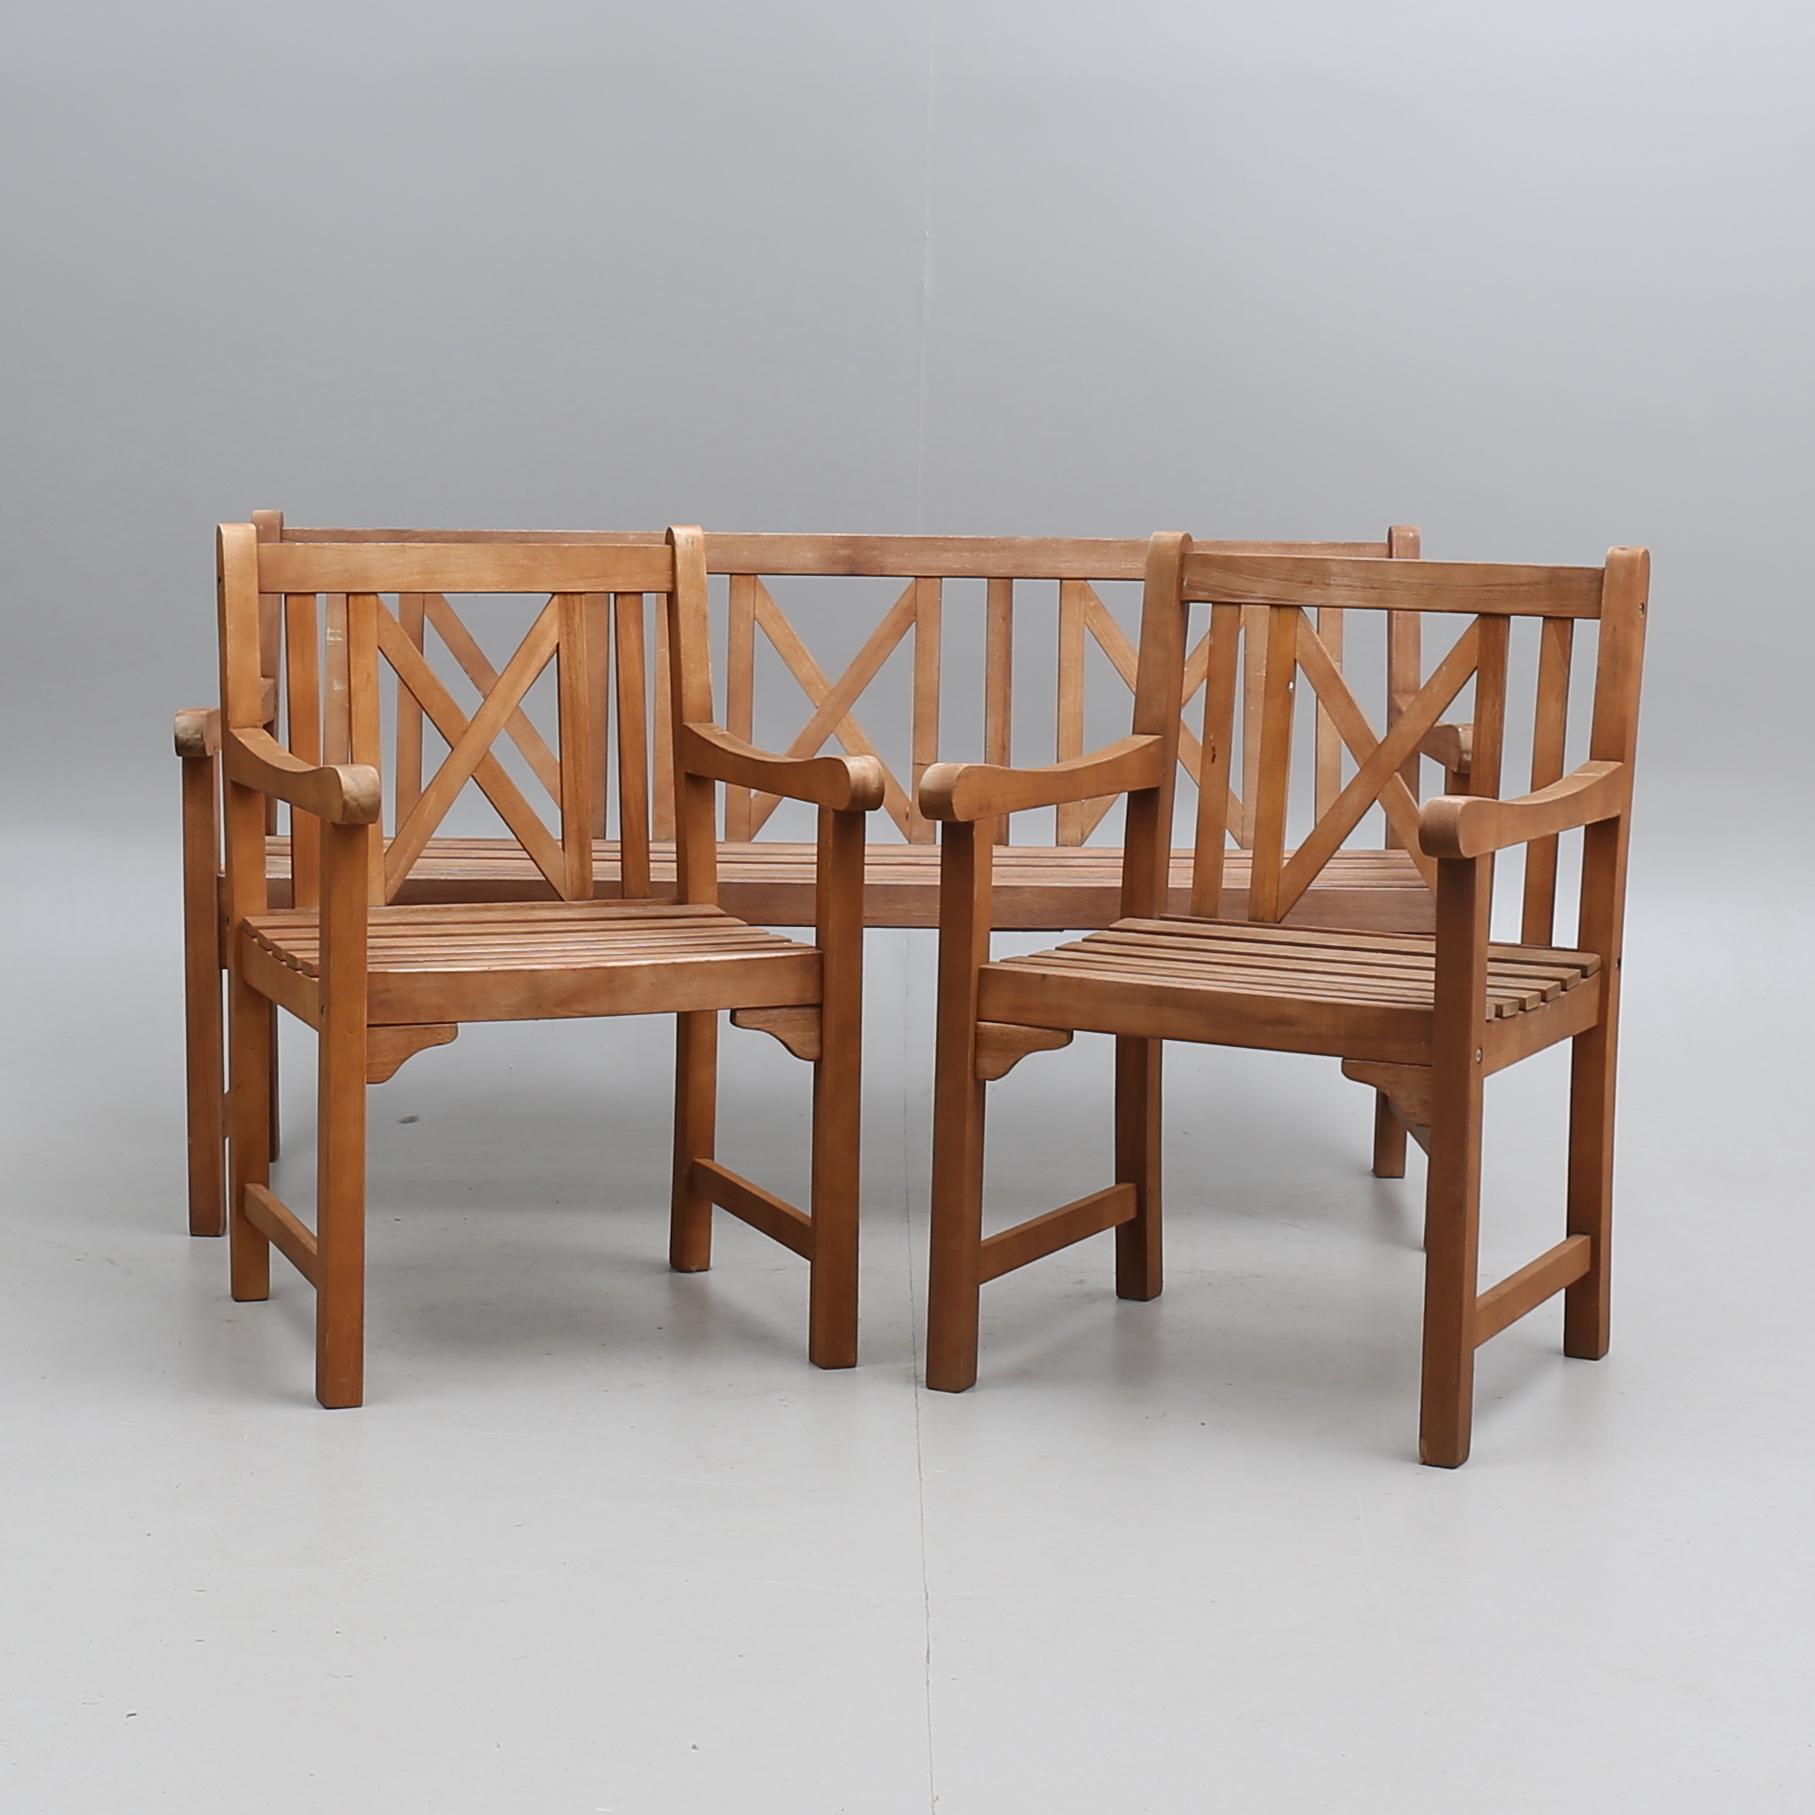 Tradgardsmobler Jutlandia Tre Delar Samtida Furniture Garden